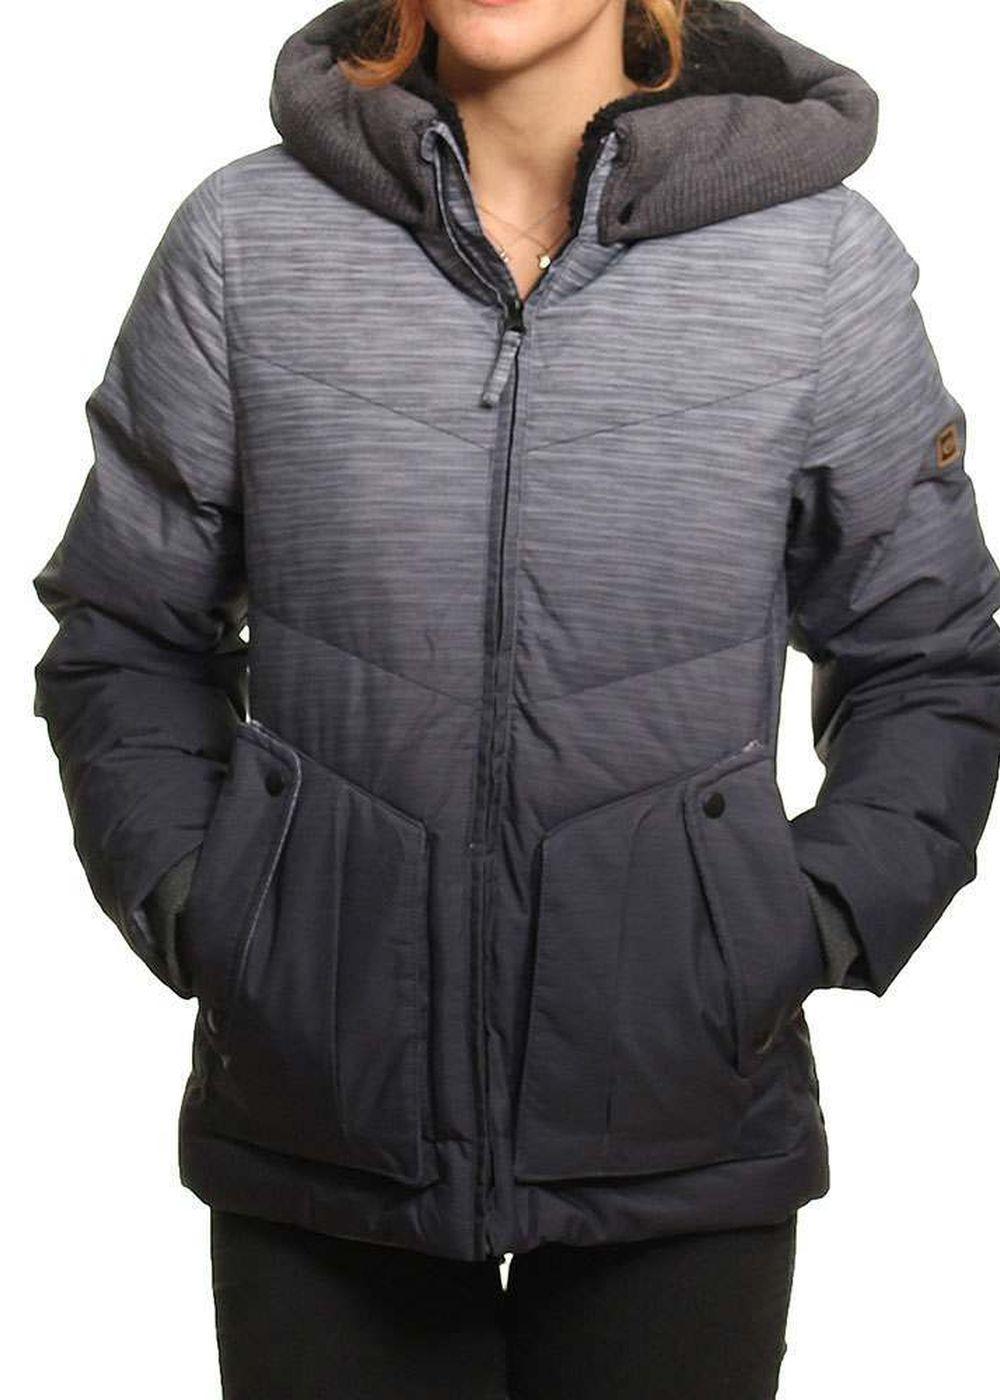 ripcurl-antofagasta-jacket-black-marle